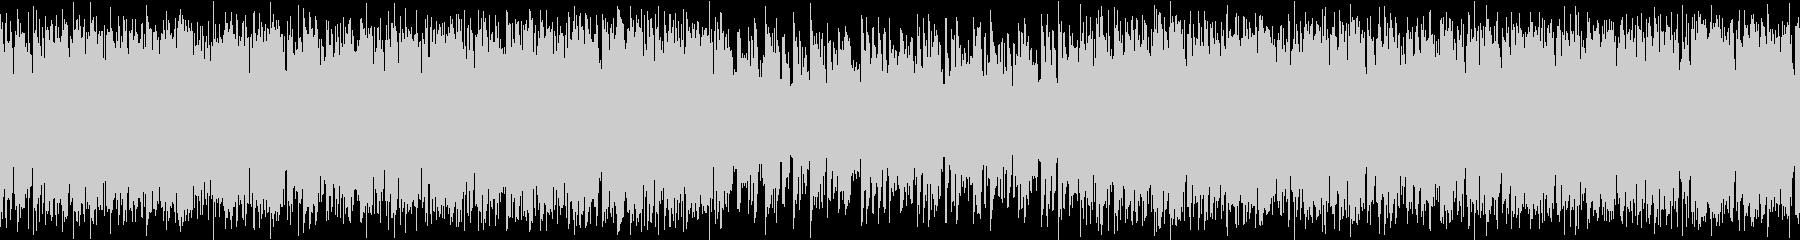 ロックオルガンが印象的なガレージロックの未再生の波形